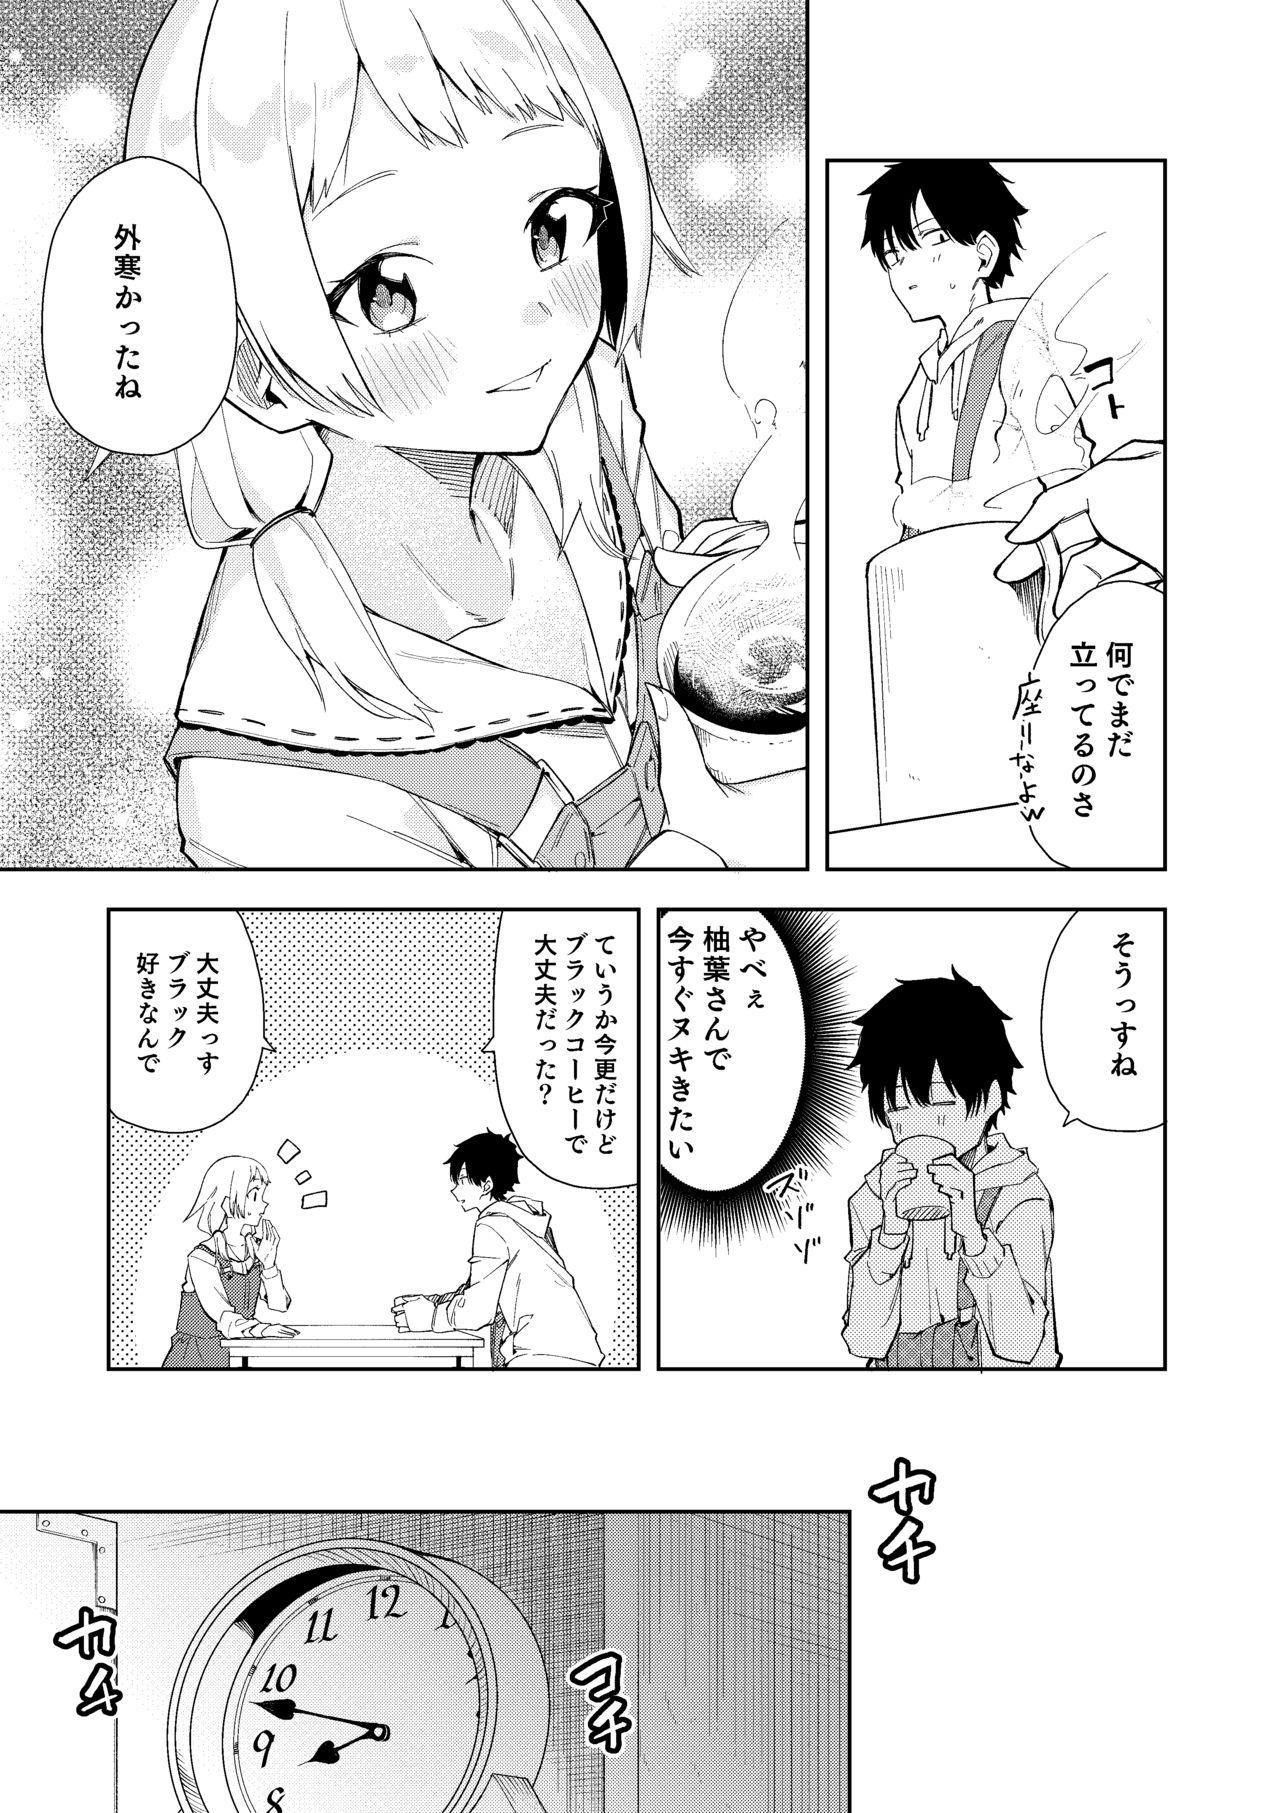 Rinjin wa Yuumei Haishinsha 7